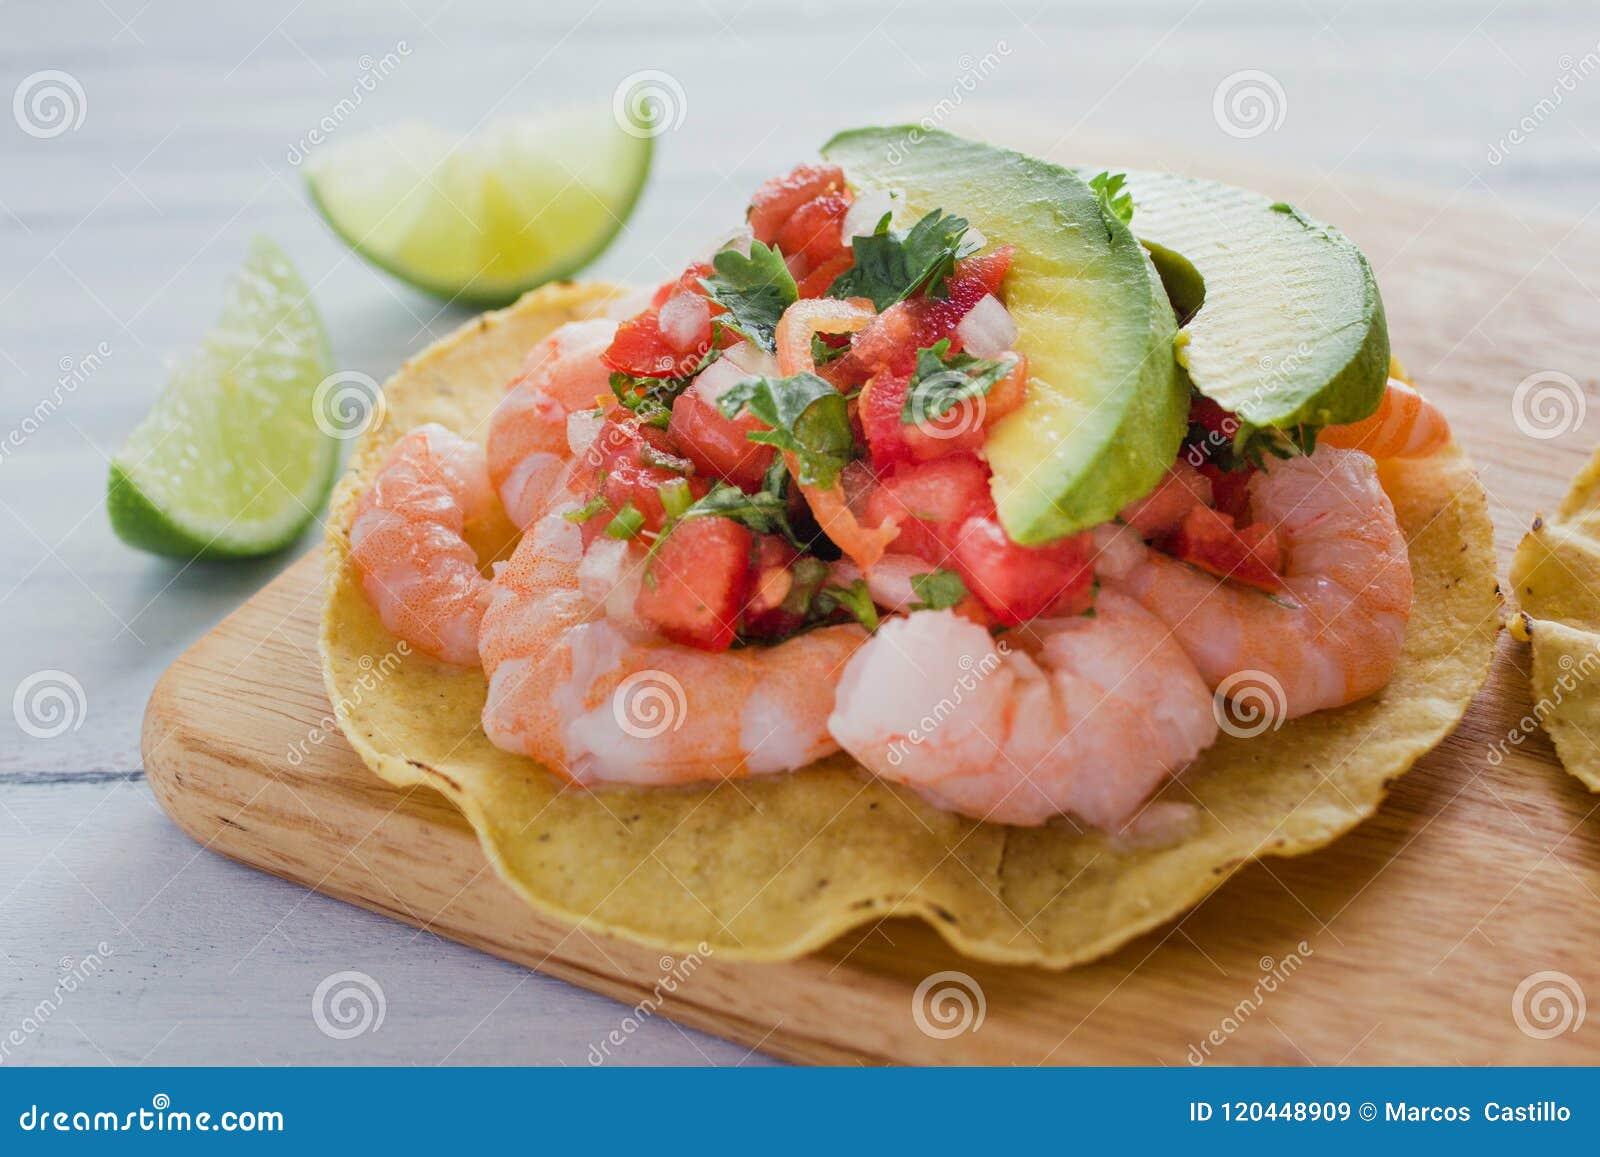 炸玉米粉圆饼de camaron Mexicanas,虾炸玉米粉圆饼,墨西哥食物在墨西哥,海鲜